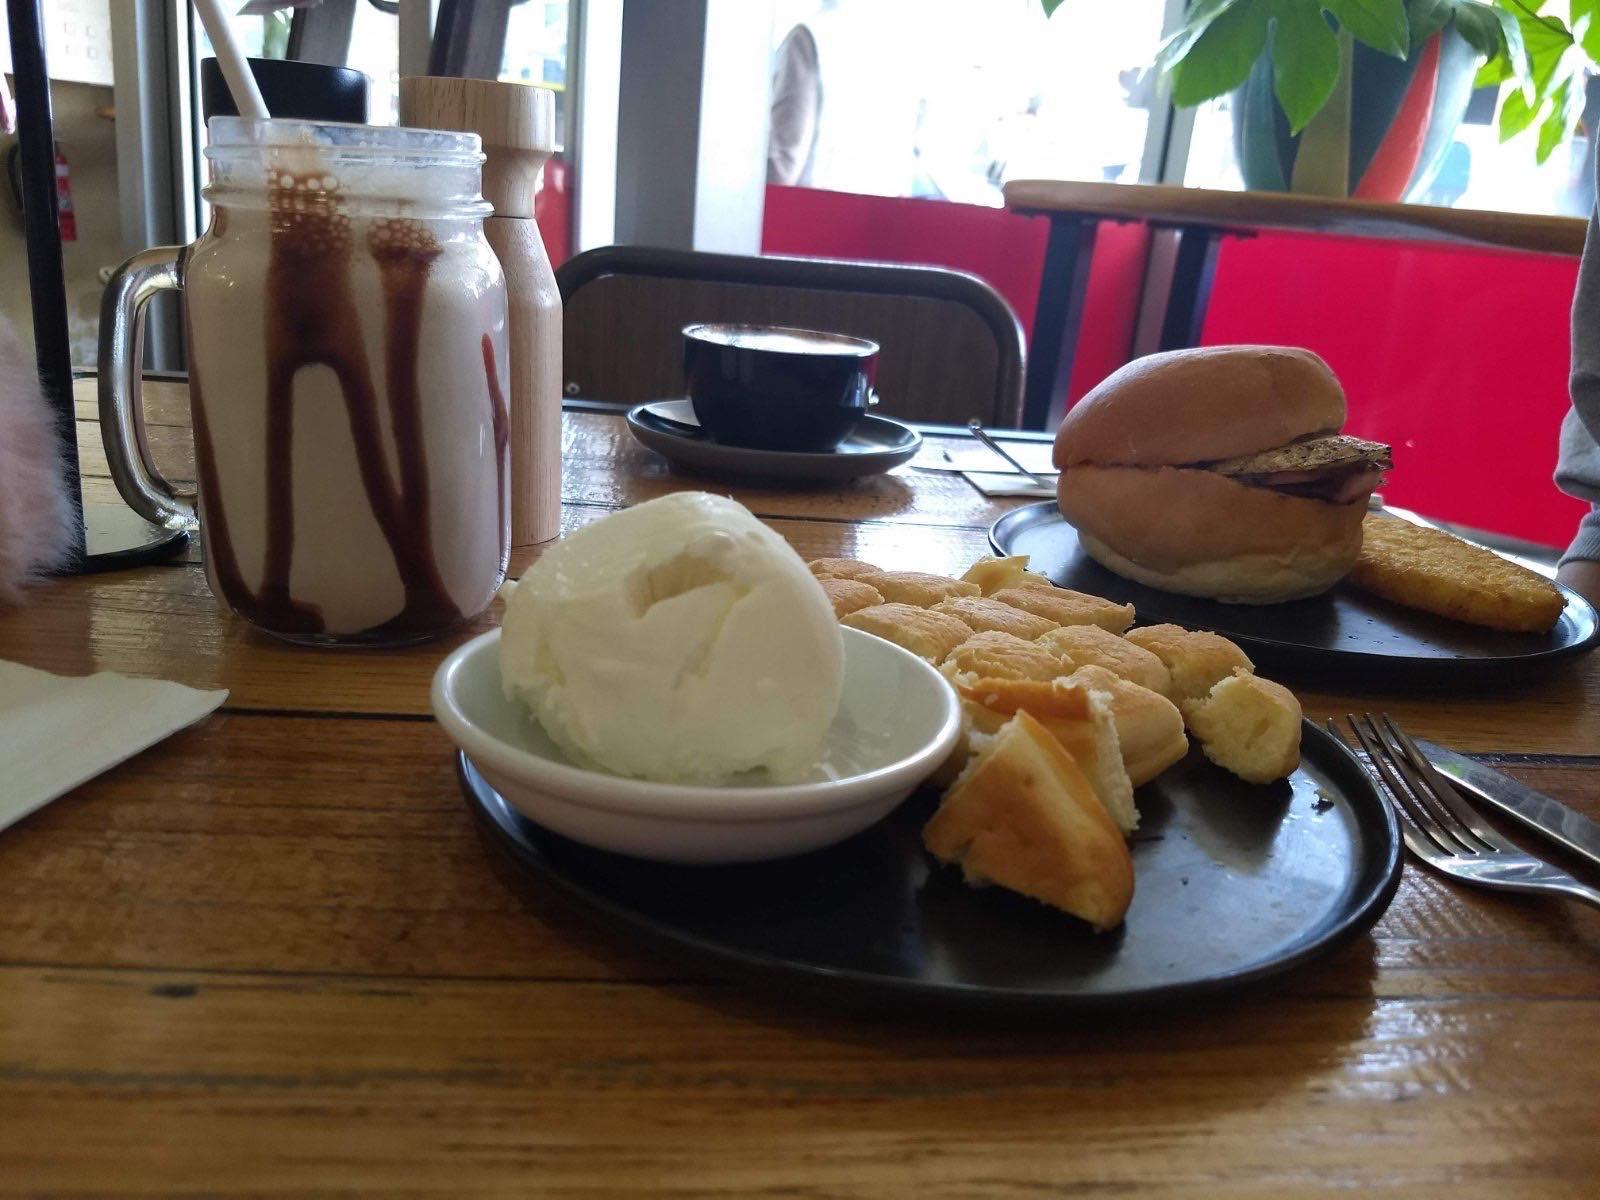 milkshake, icecream, pancakes, burgers on table